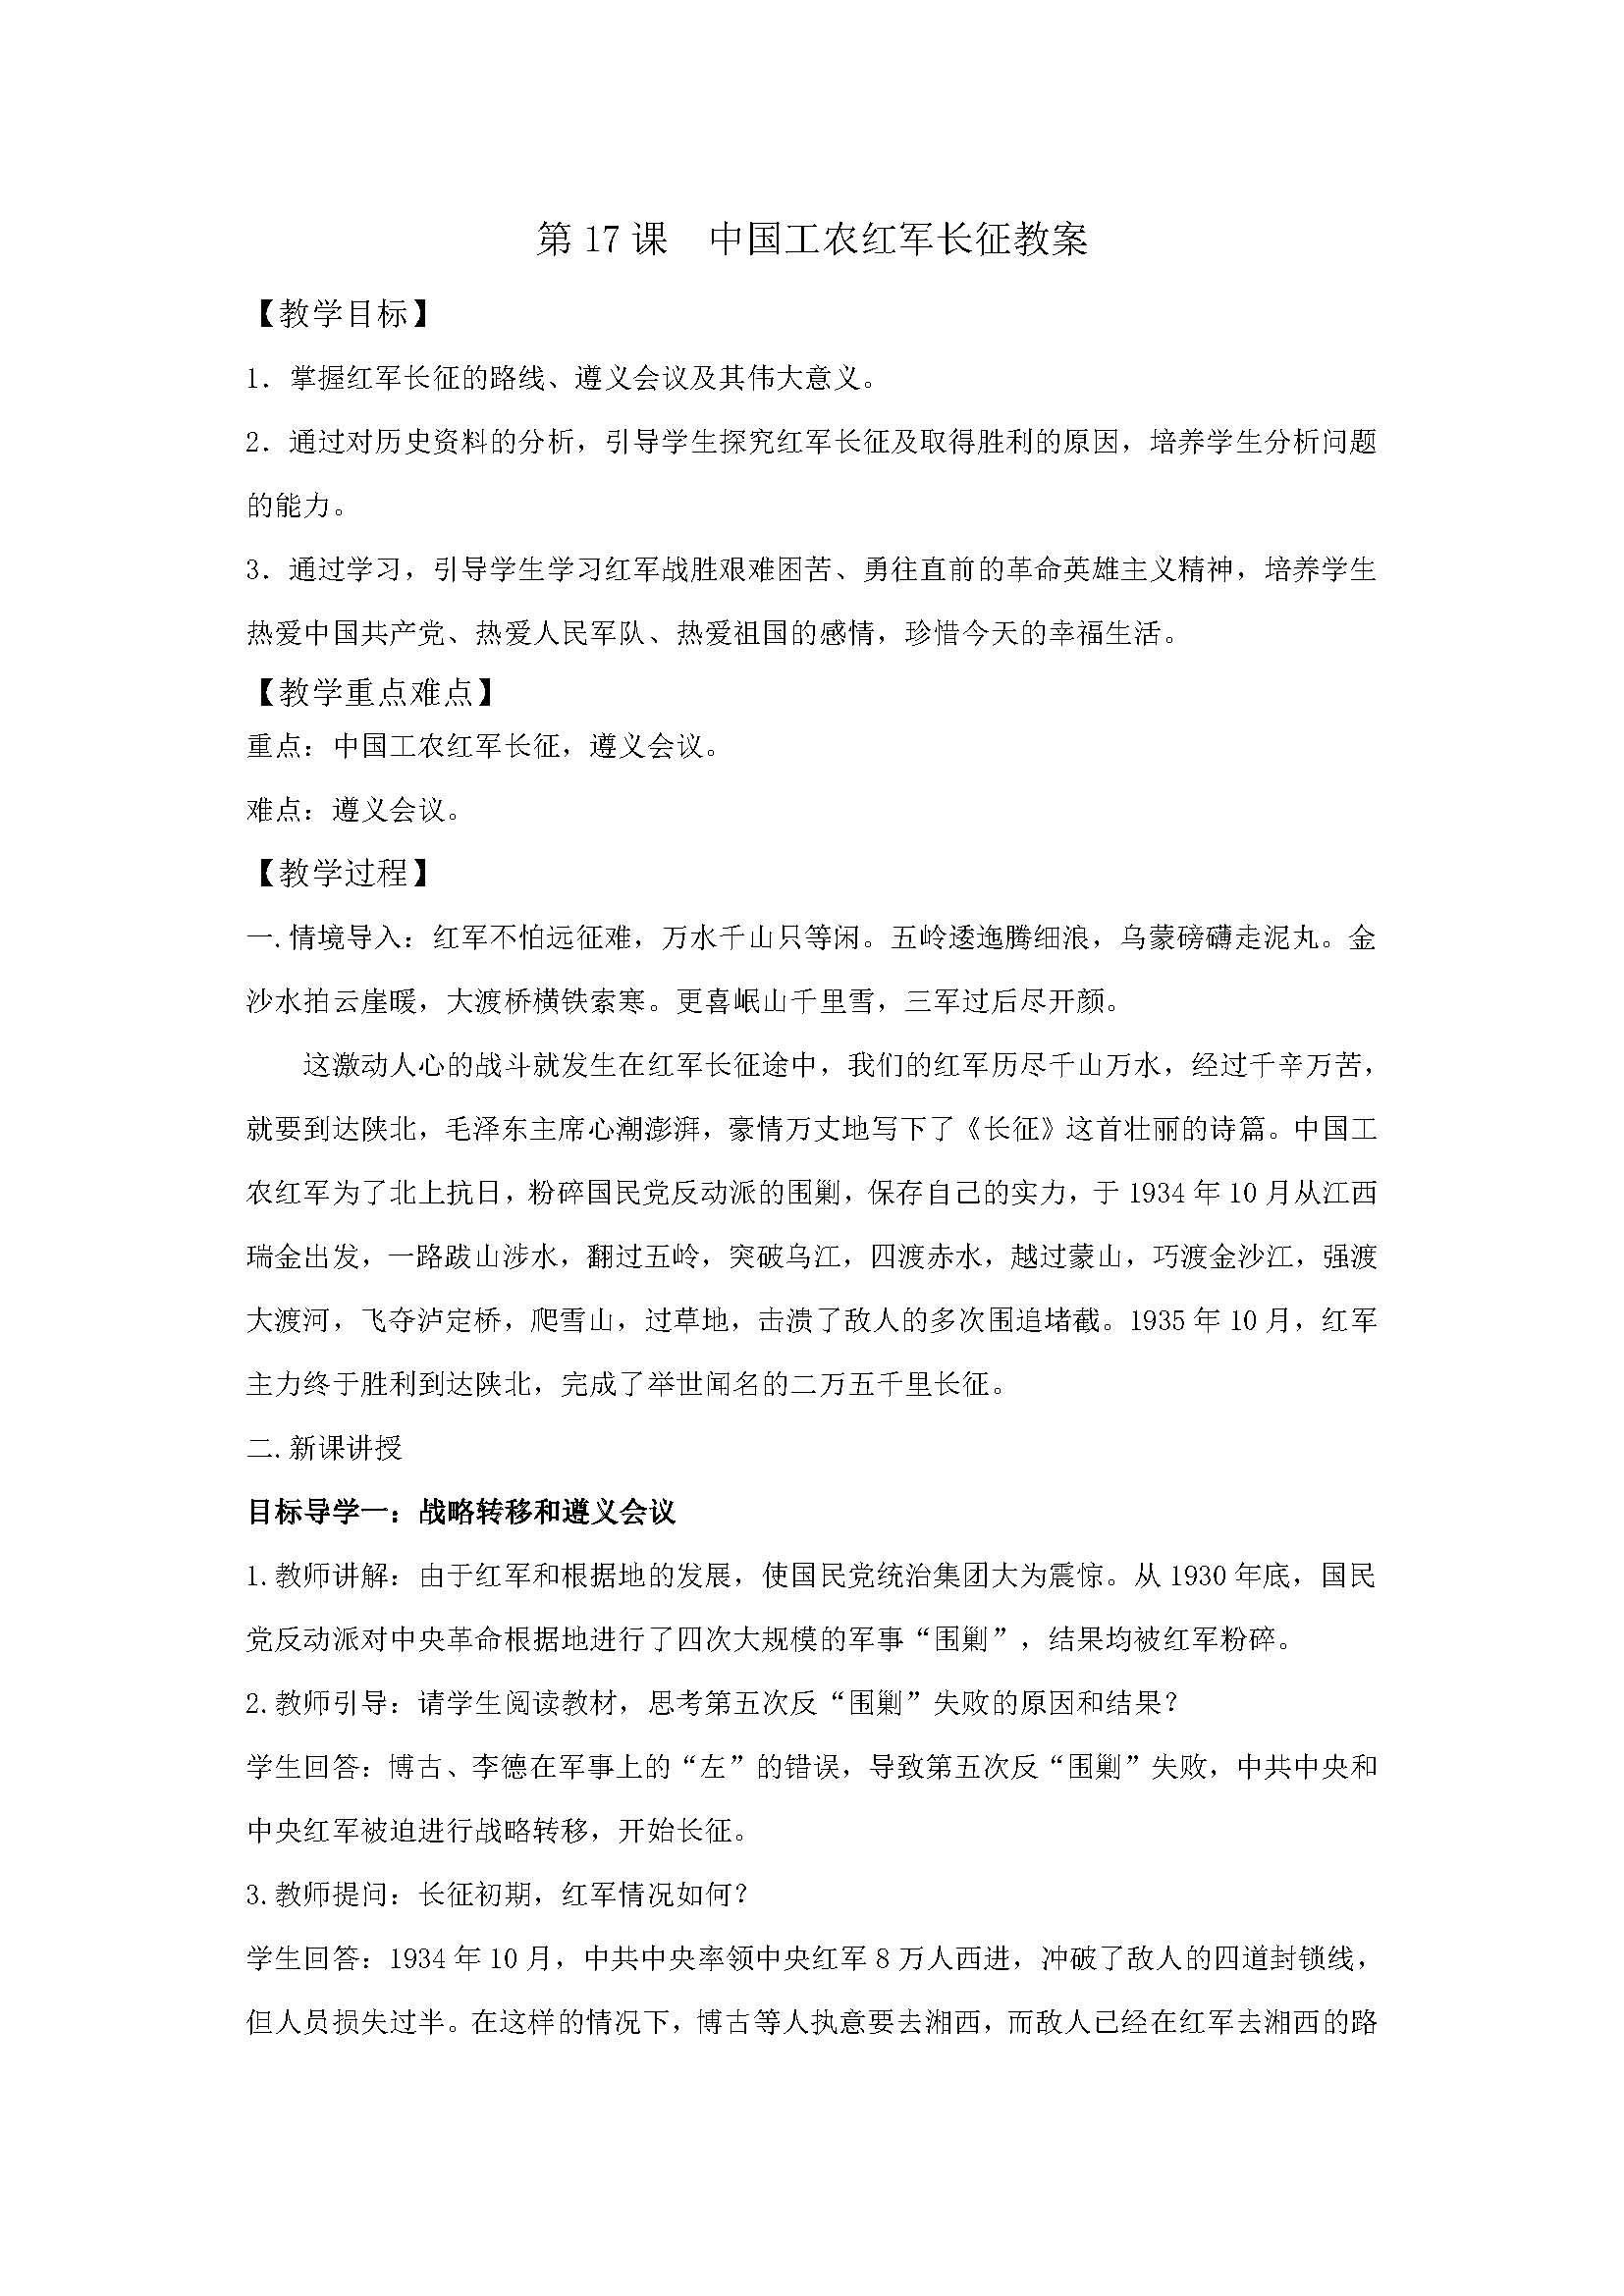 人教版初二上历史教案第17课中国工农红军长征